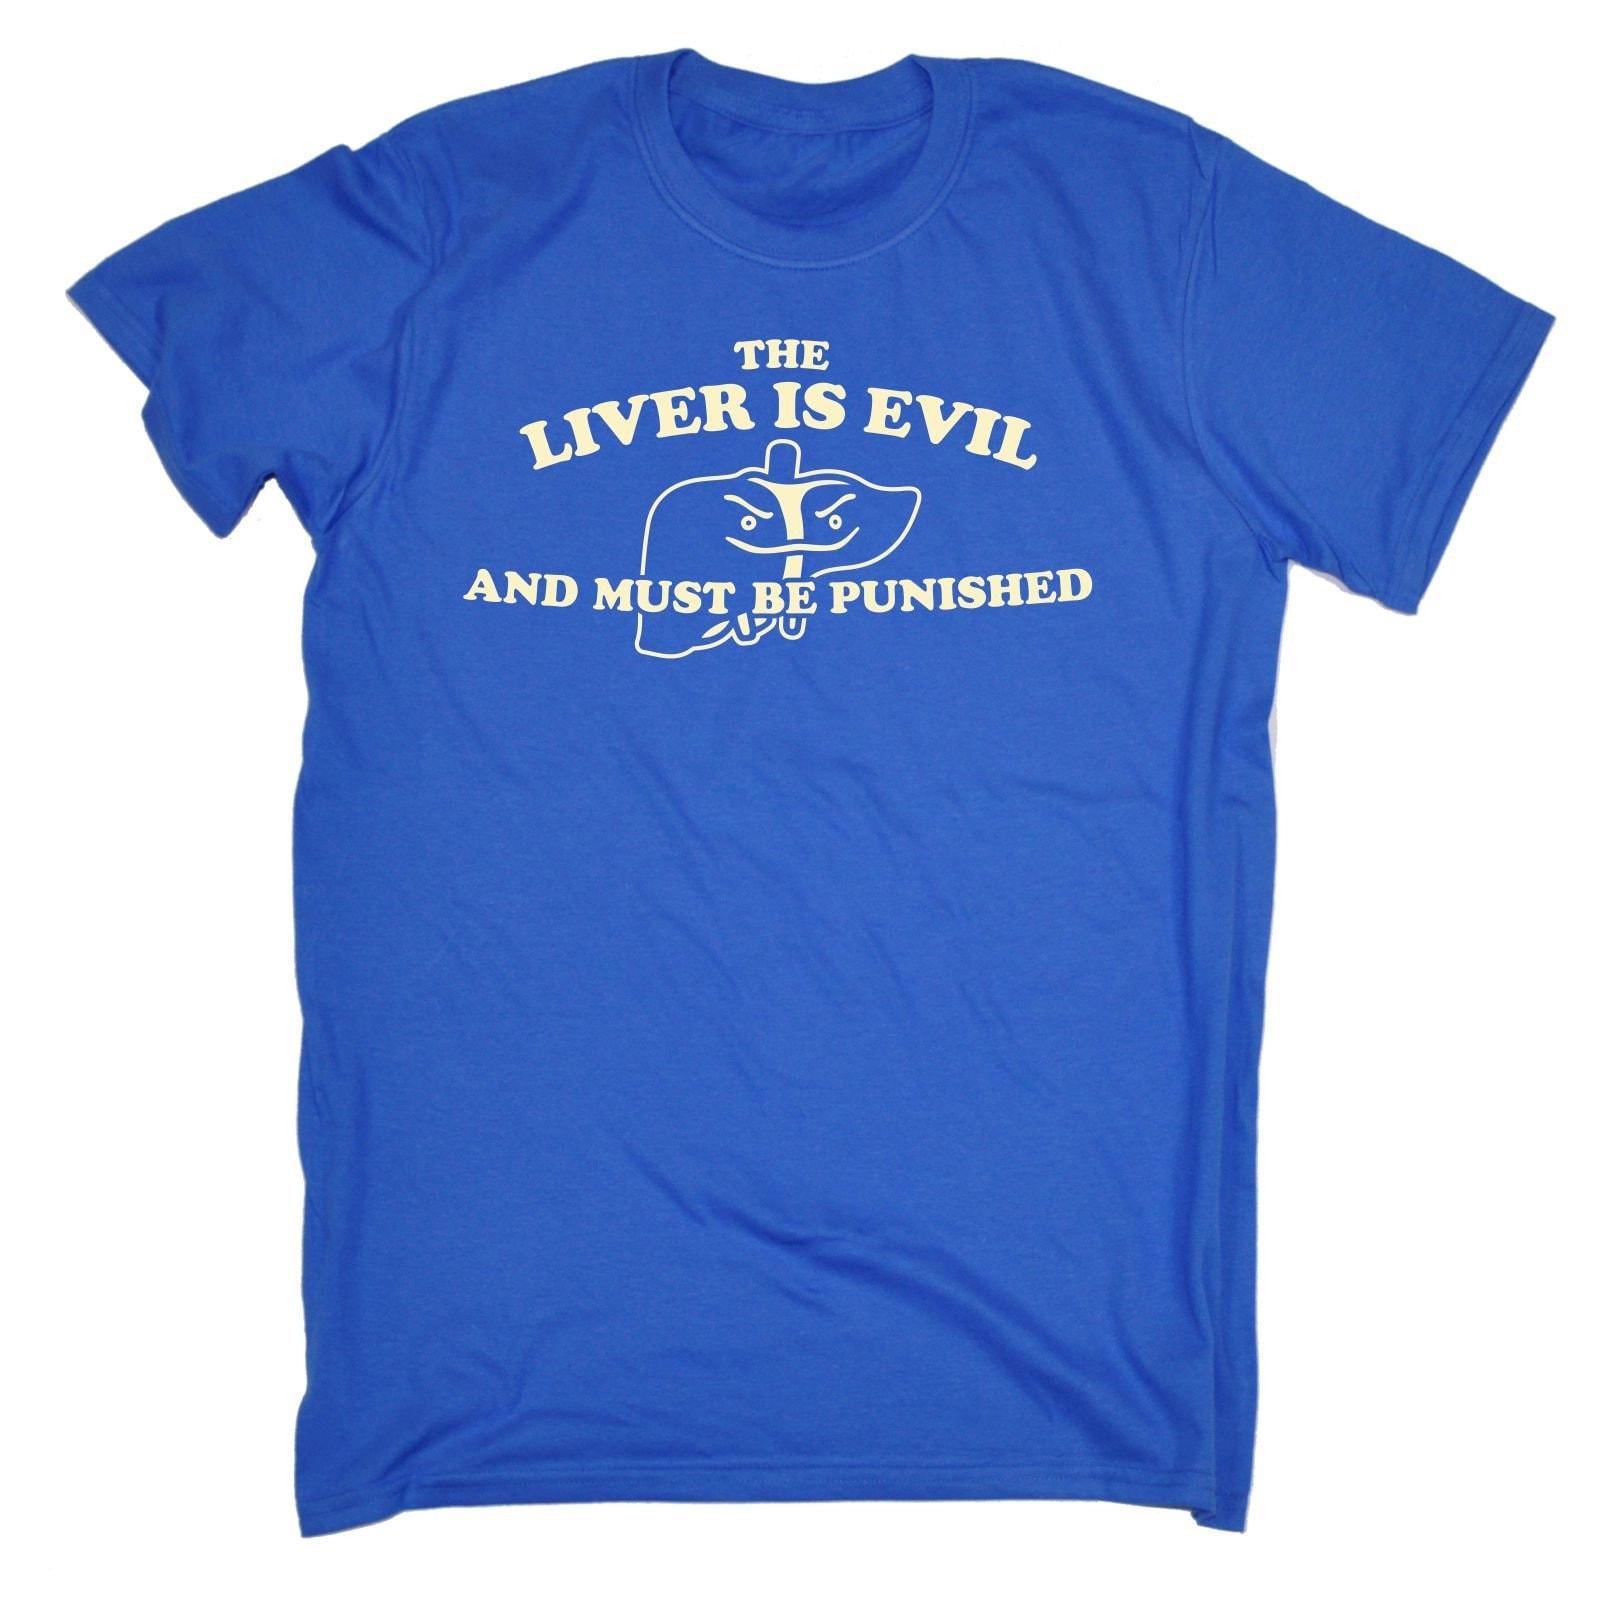 123t des hommes le foie est mauvais et être doit être et puni T-Shirt Tee Tshirt T Shirts nouveauté drôle anniversaire cadeau Noël cadeau f85681